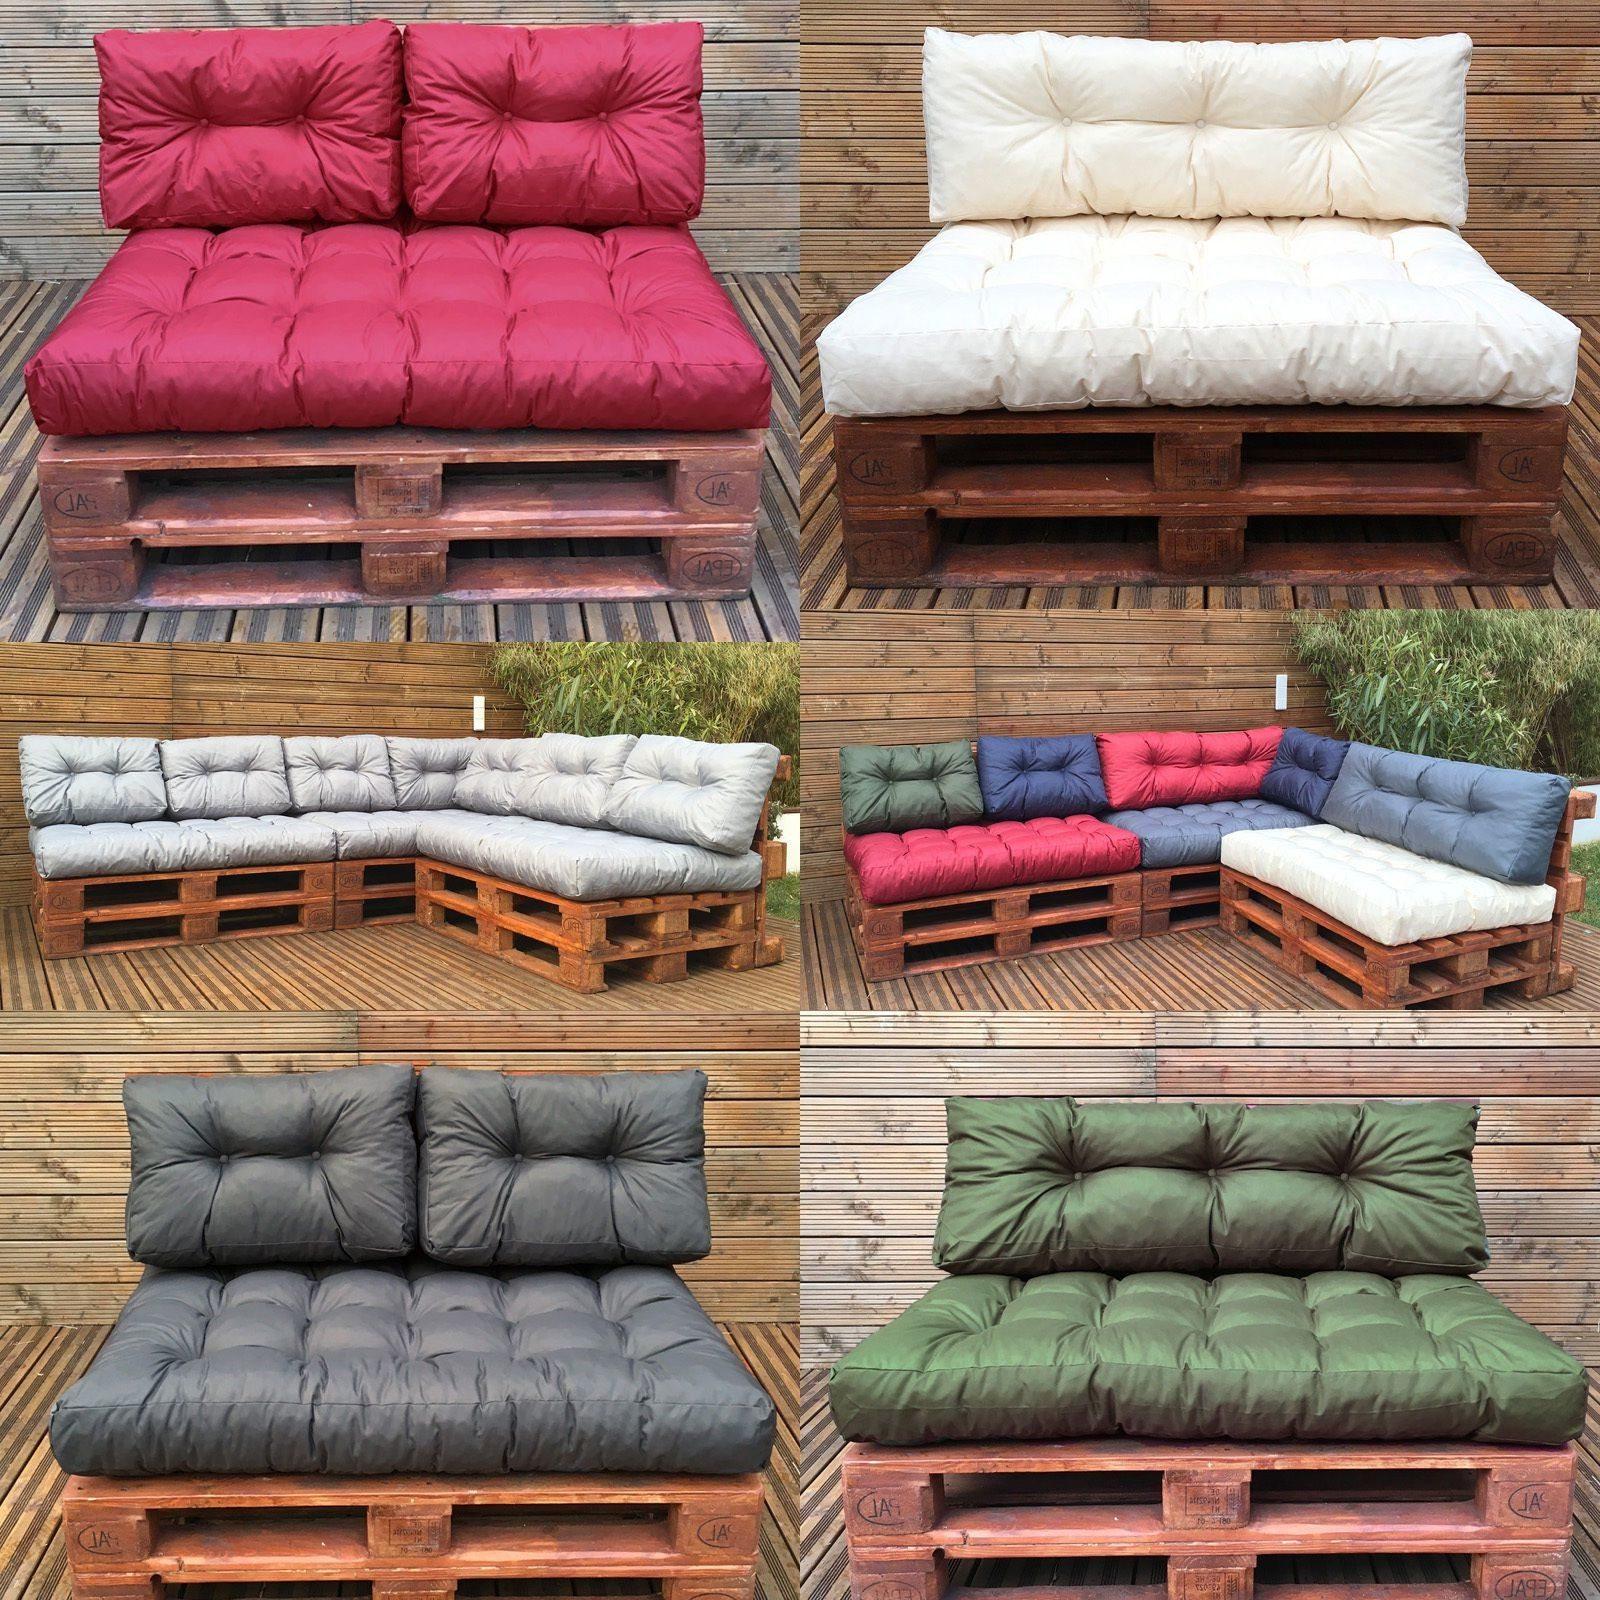 Матрасы и подушки для мебели из паллет (поддонов)